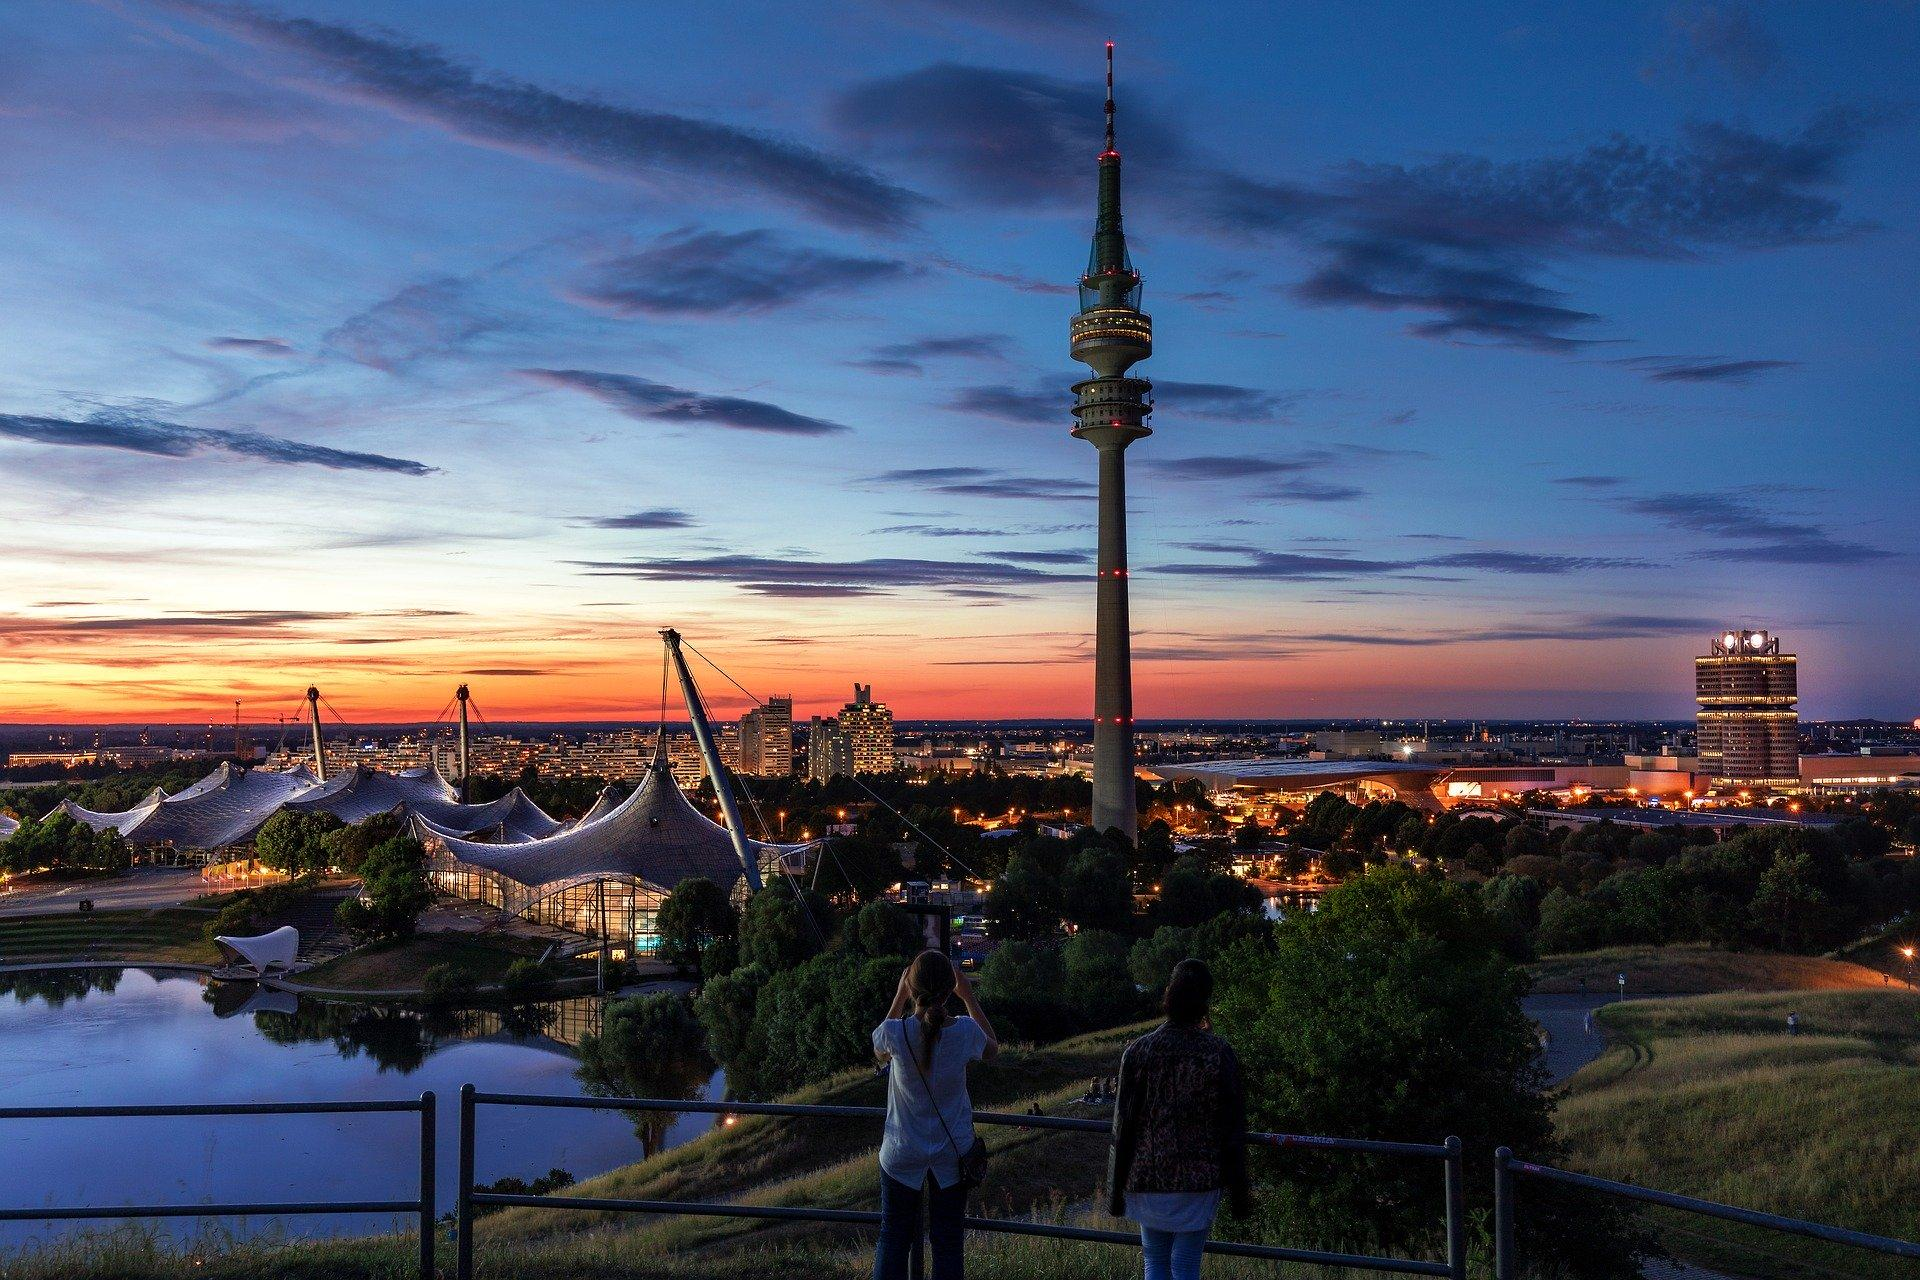 Bild von München bei Sonnenuntergang